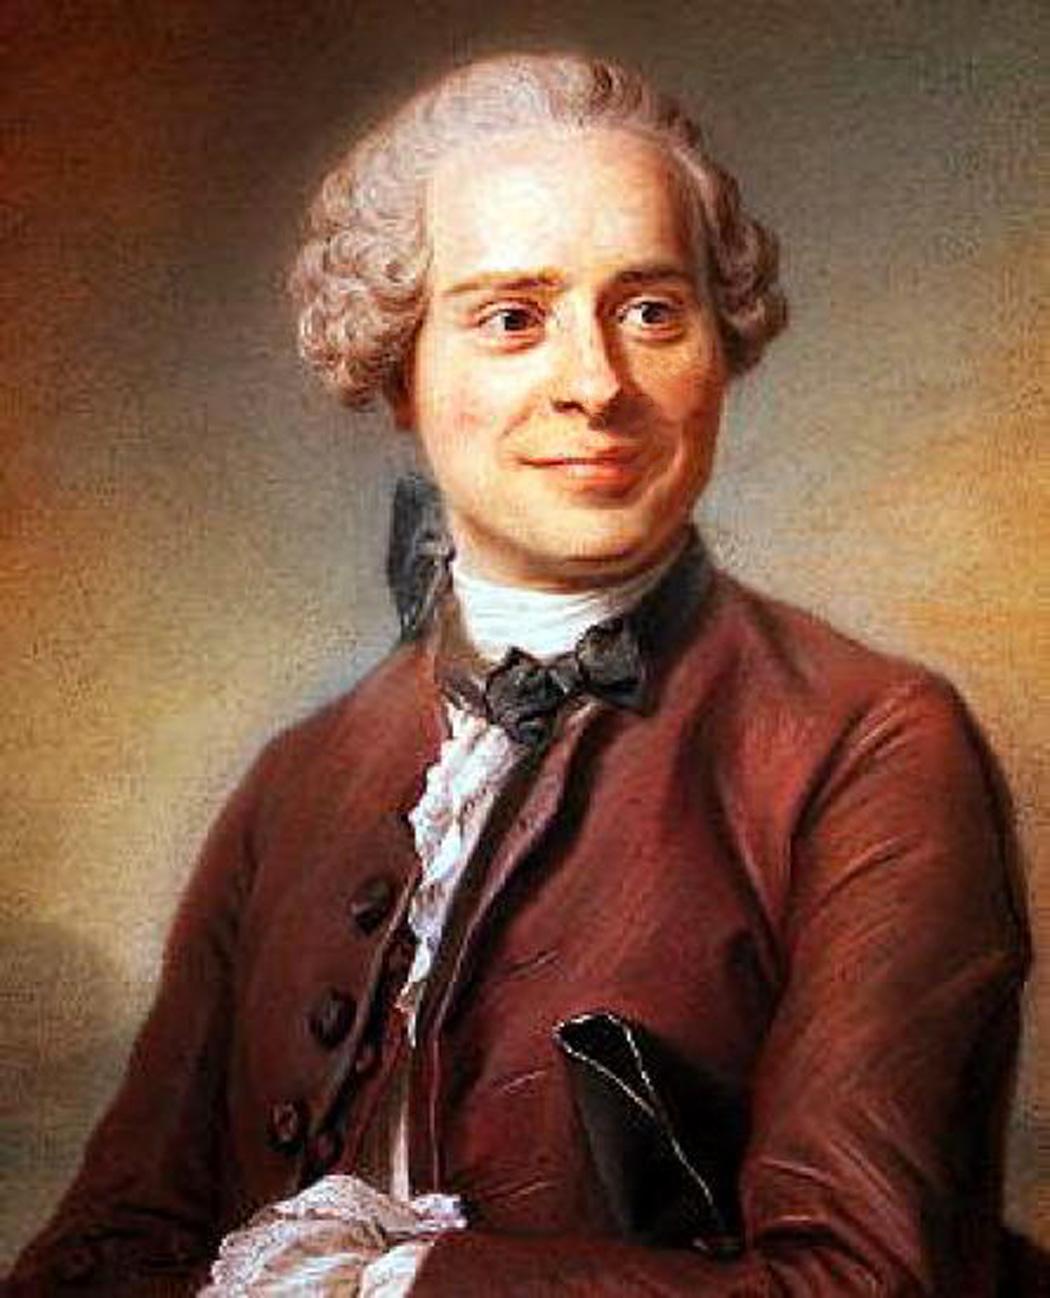 Maurice quentin de la tour,maurice quentin de,portrait of jean le rond dalembert,la tour,paintings,oil paintings